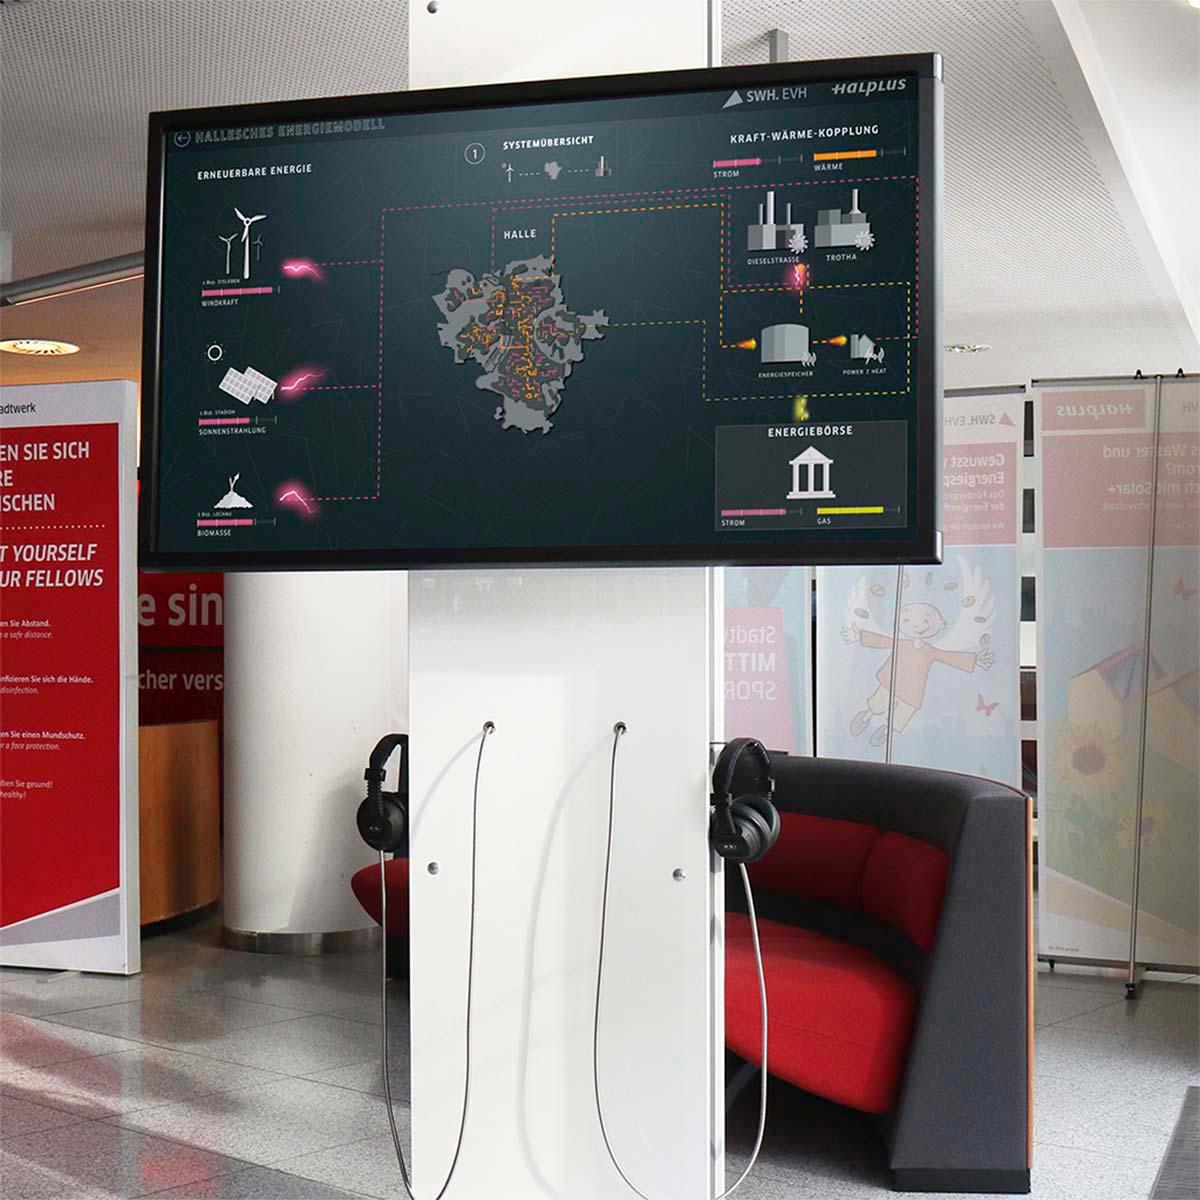 Interaktiver Bildschirm mit Touchscreen und Audiounterstützung zeigt das Hallesche Energiemodel